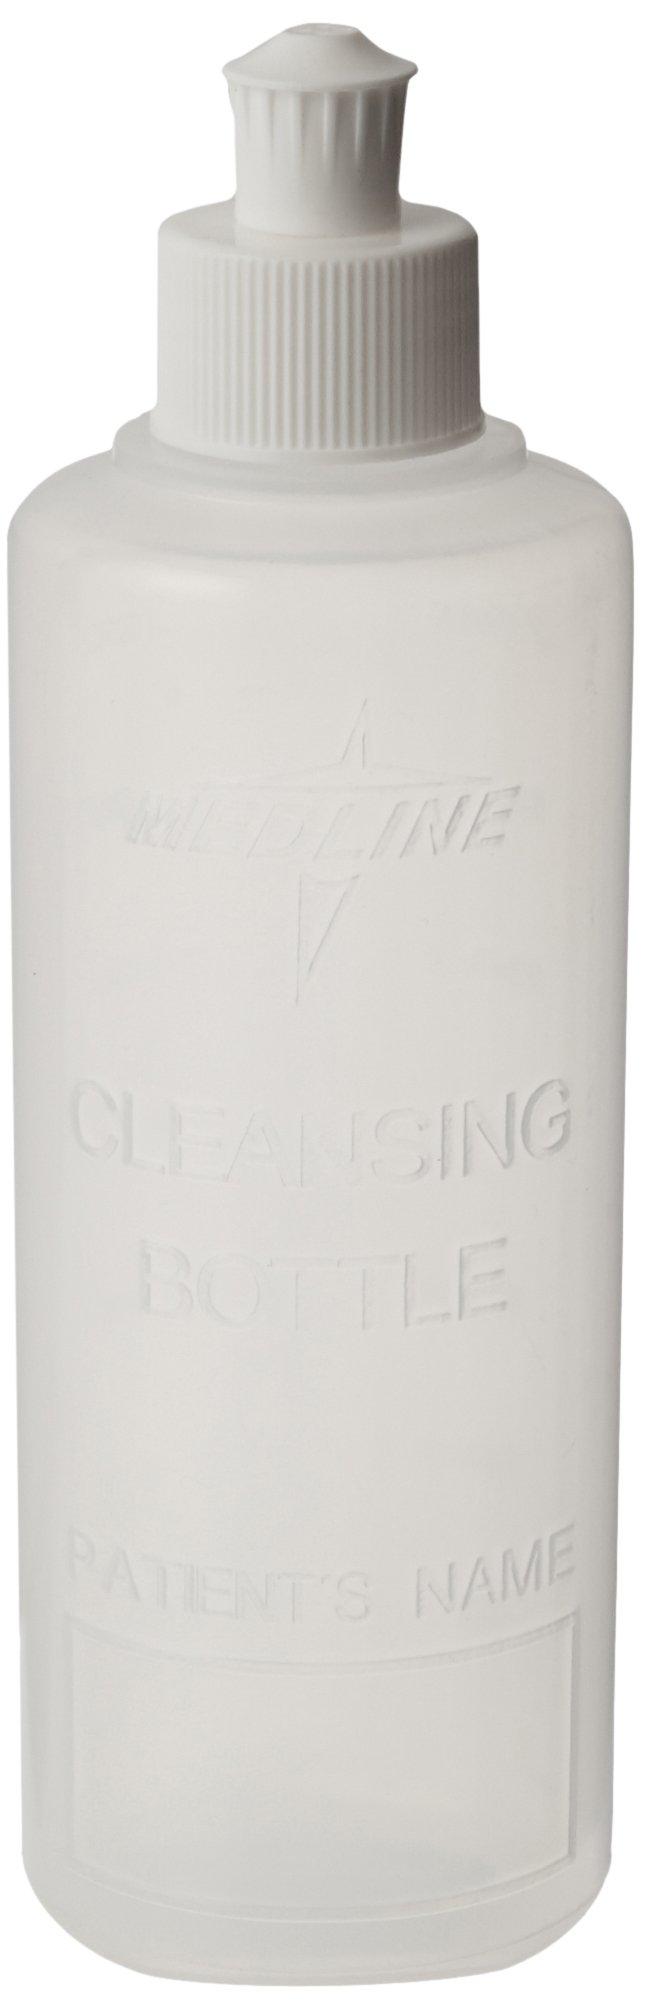 Medline Cleansing Bottle, 8oz.